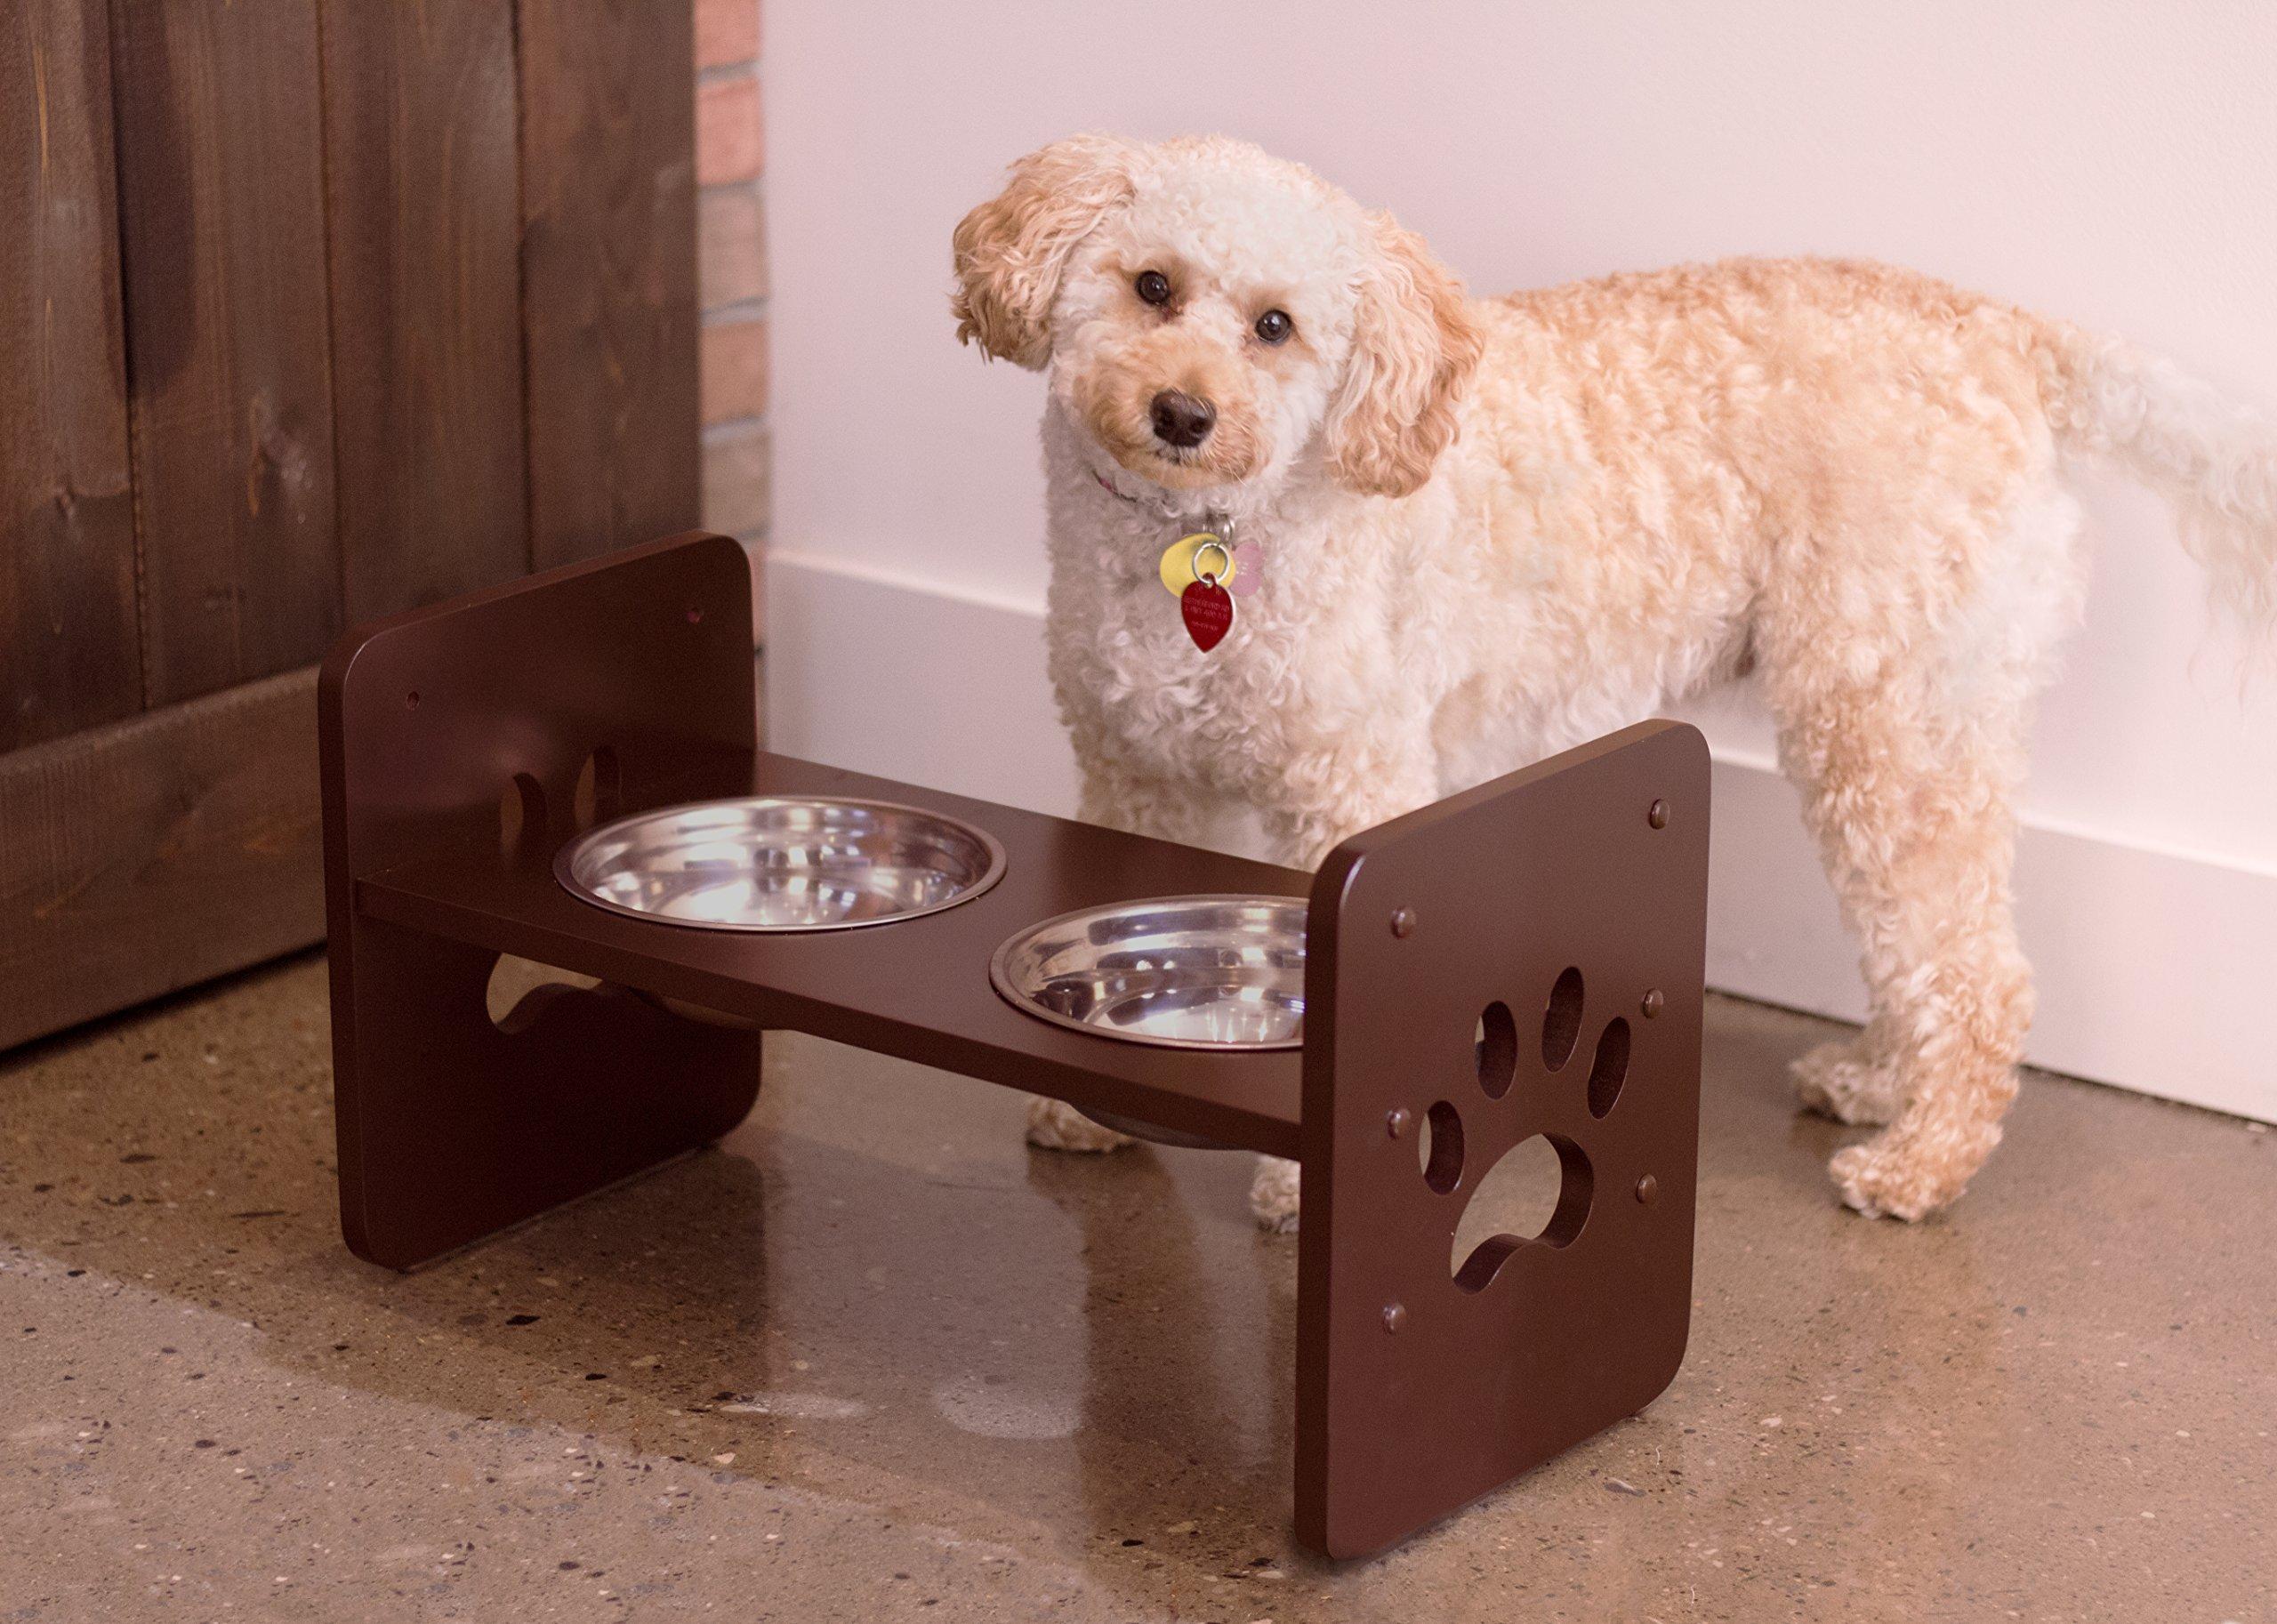 zoovilla Adjustable Pet Feeder by zoovilla (Image #2)